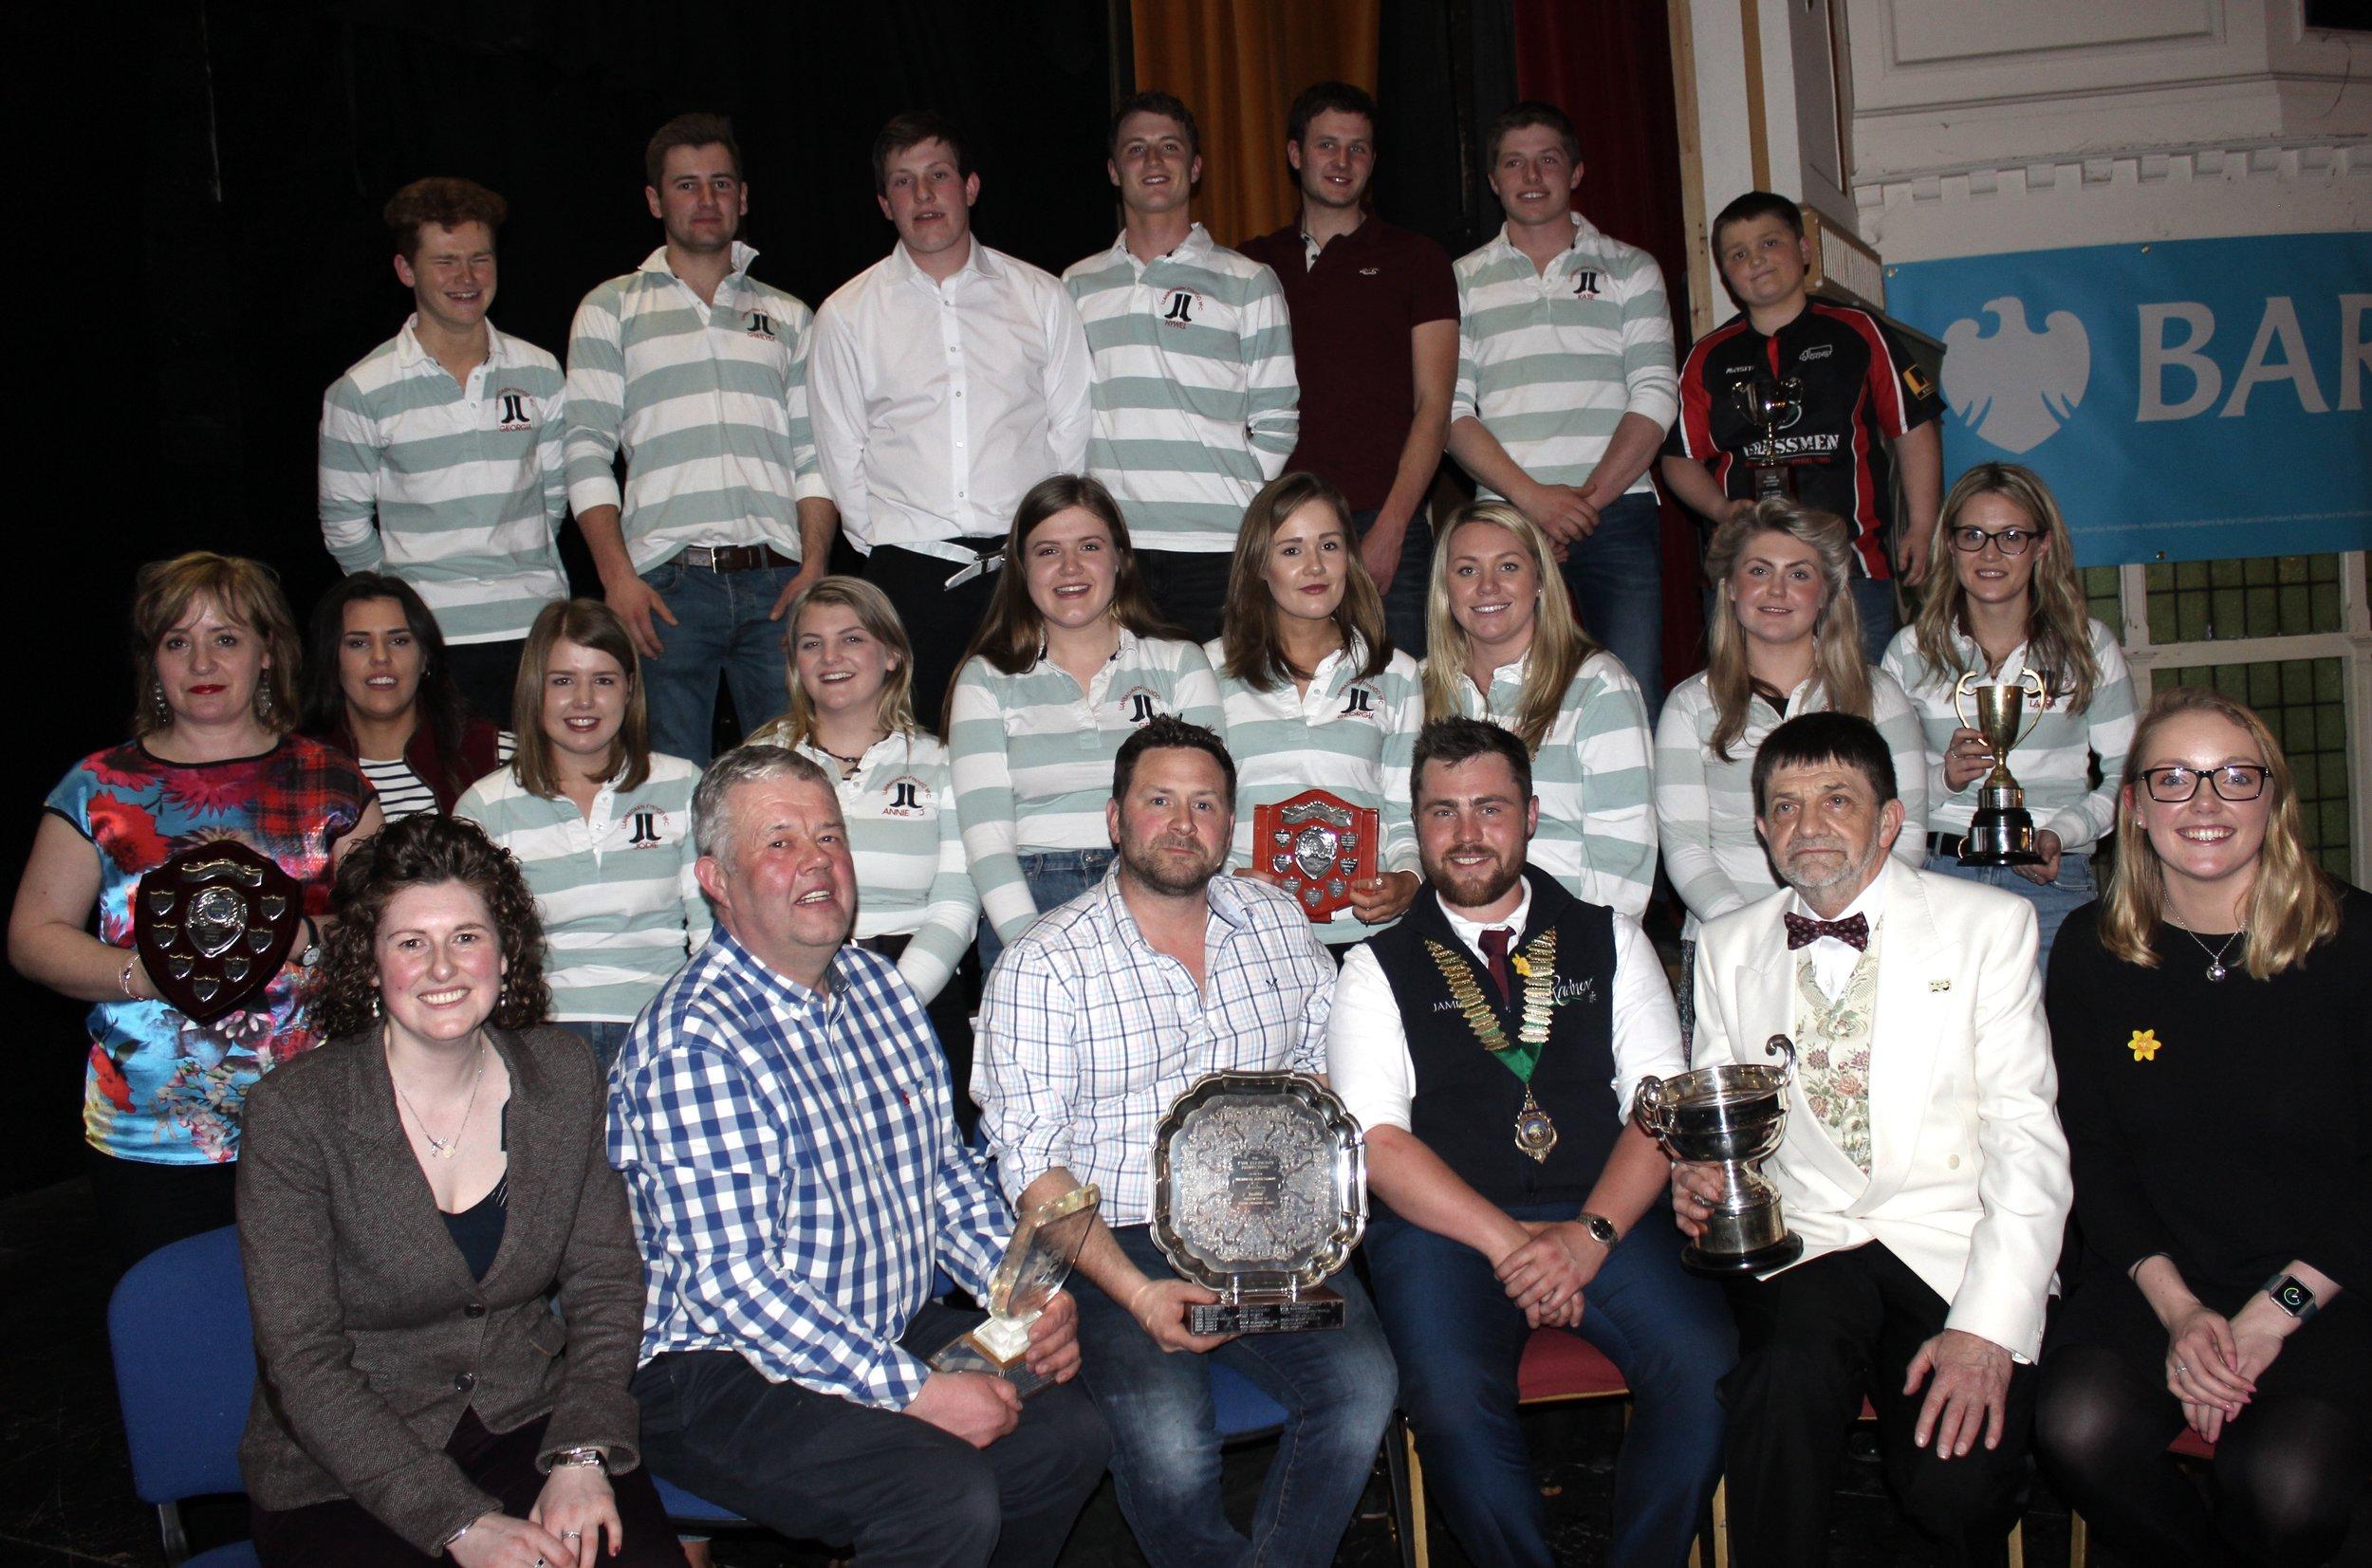 Llanbadarn Fynydd YFC - Winners of the Entertainment Competition 2019.